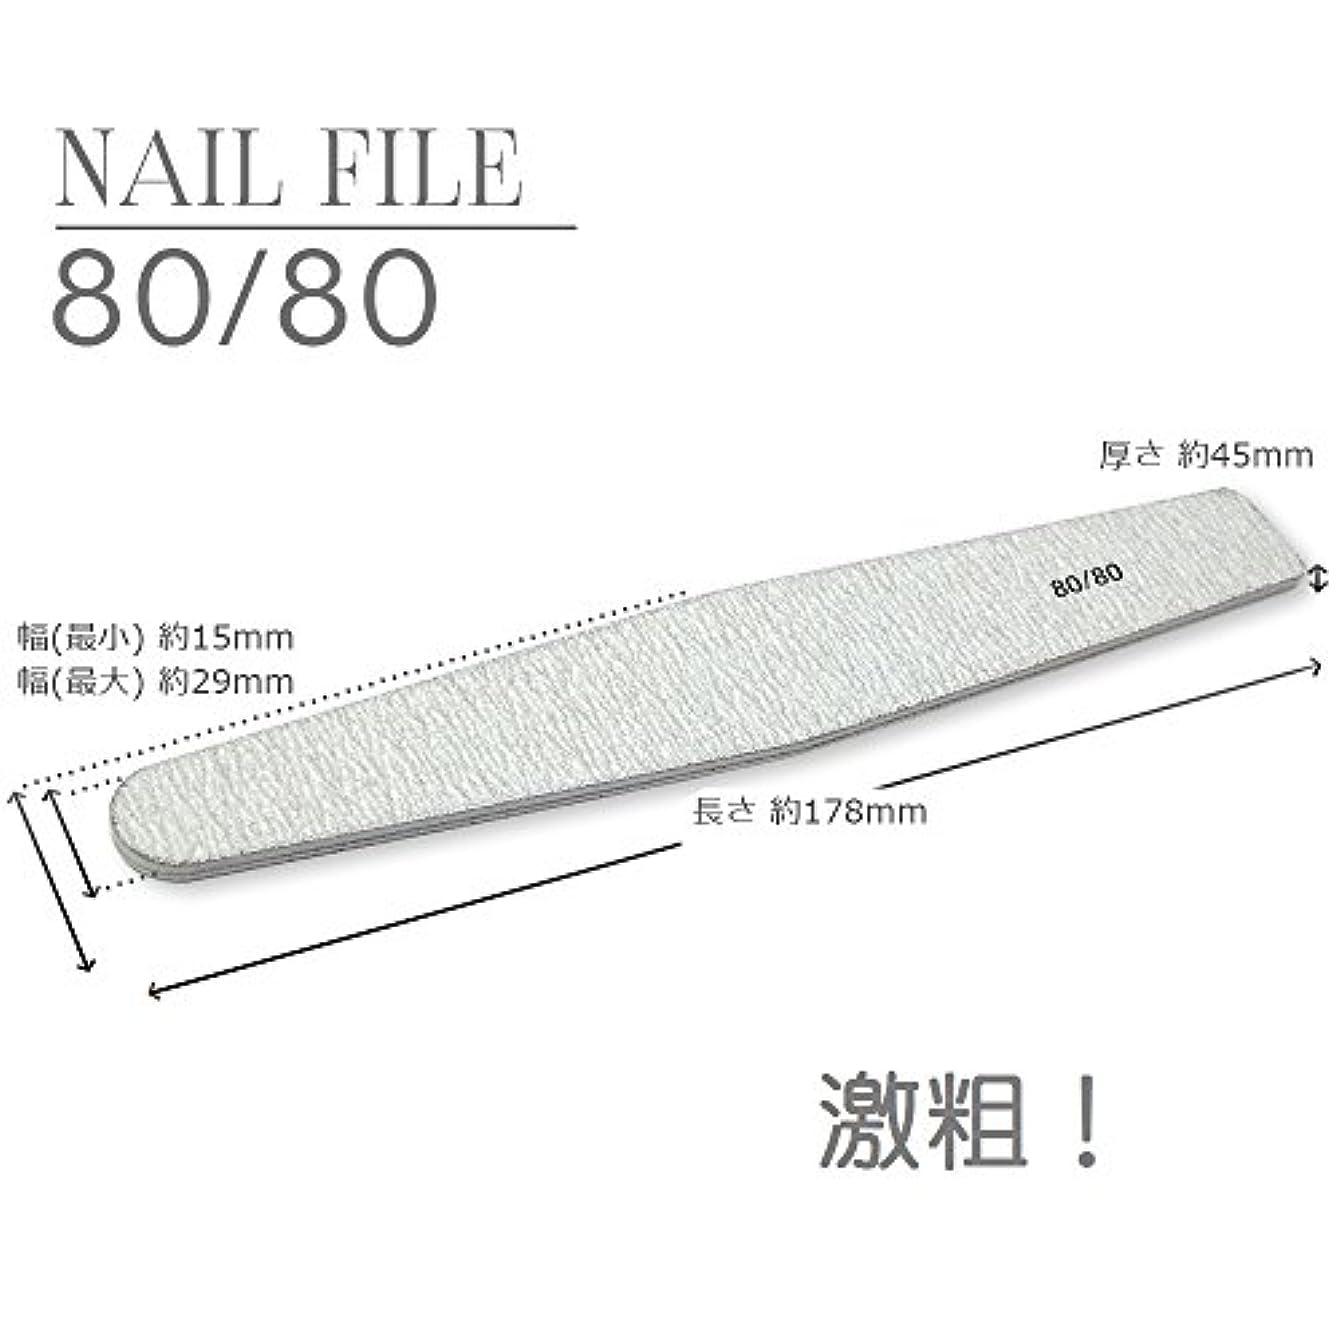 ログあたたかいつかまえるネイルファイル【80/80】激粗 1本 ★ガリガリ削れます!